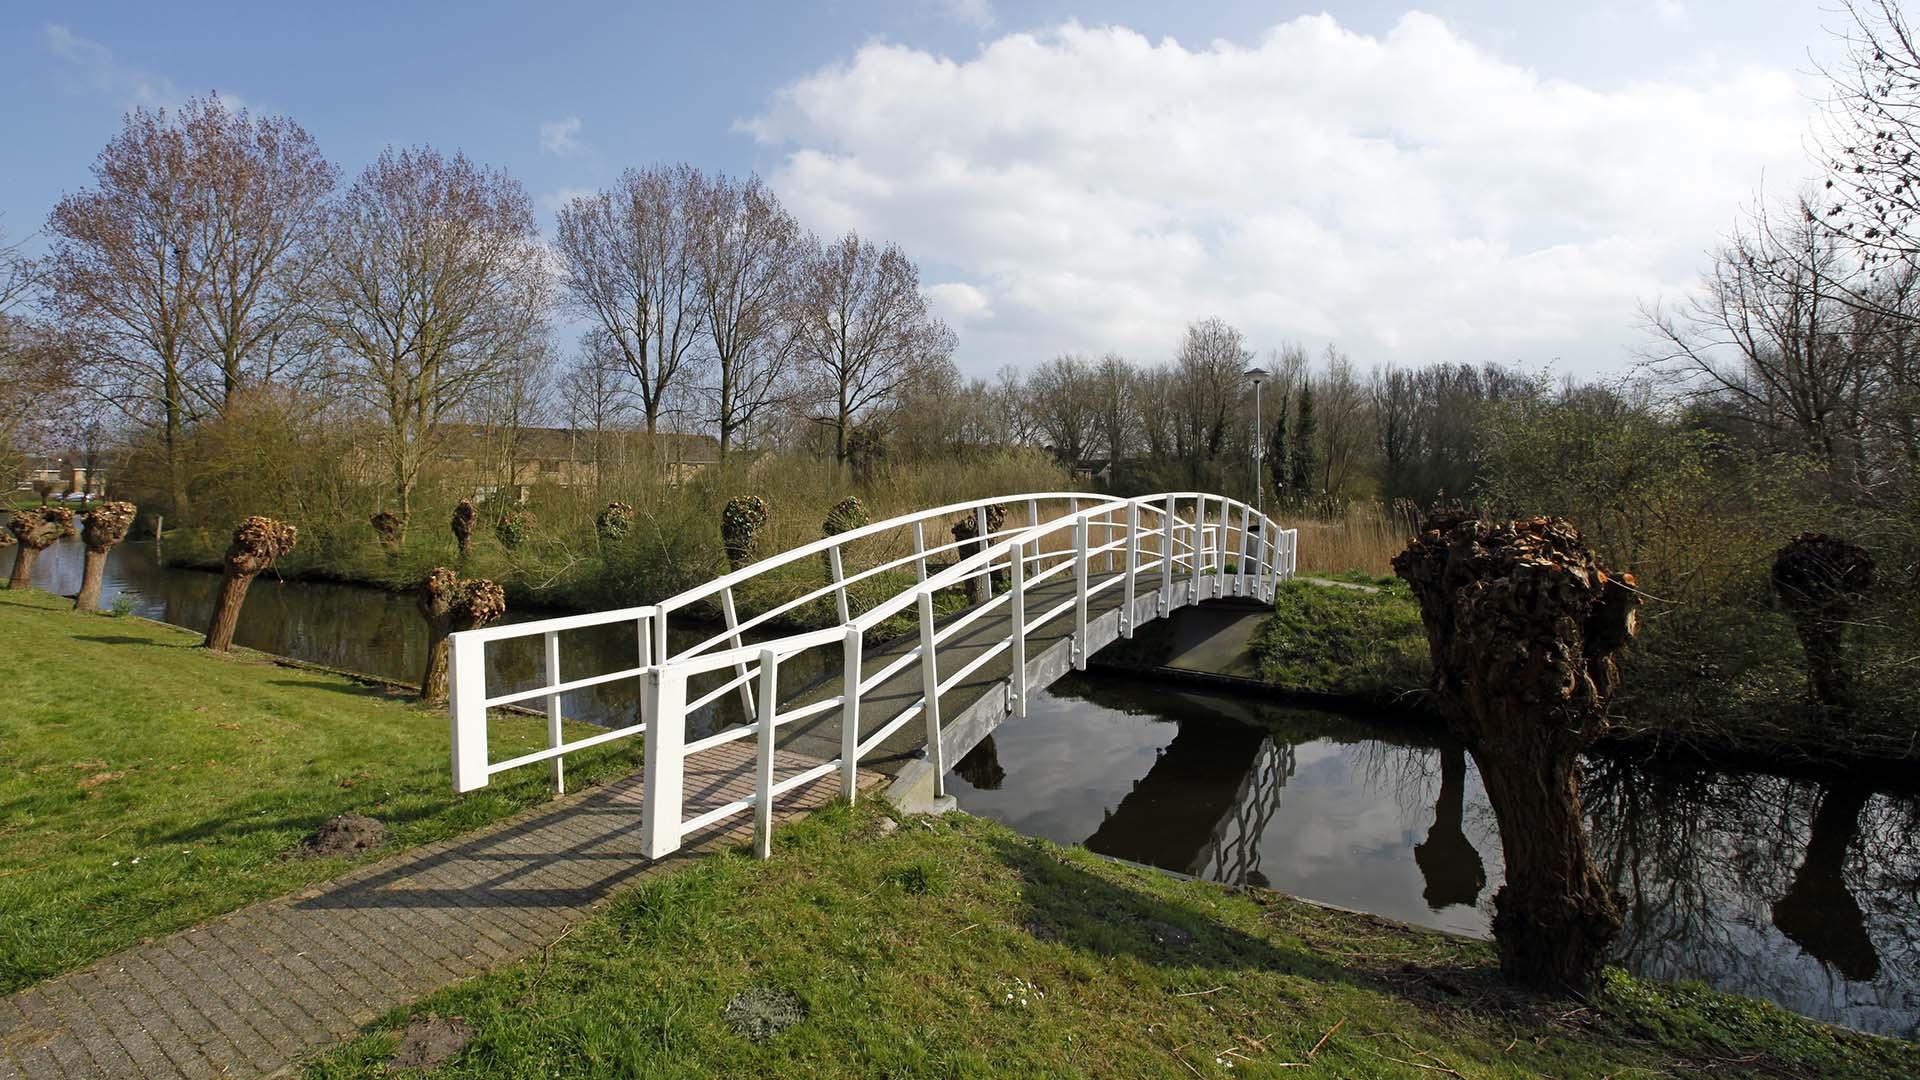 stalen brug, modern basisontwerp, wit brugontwerp, ontwerp door ipv Delft